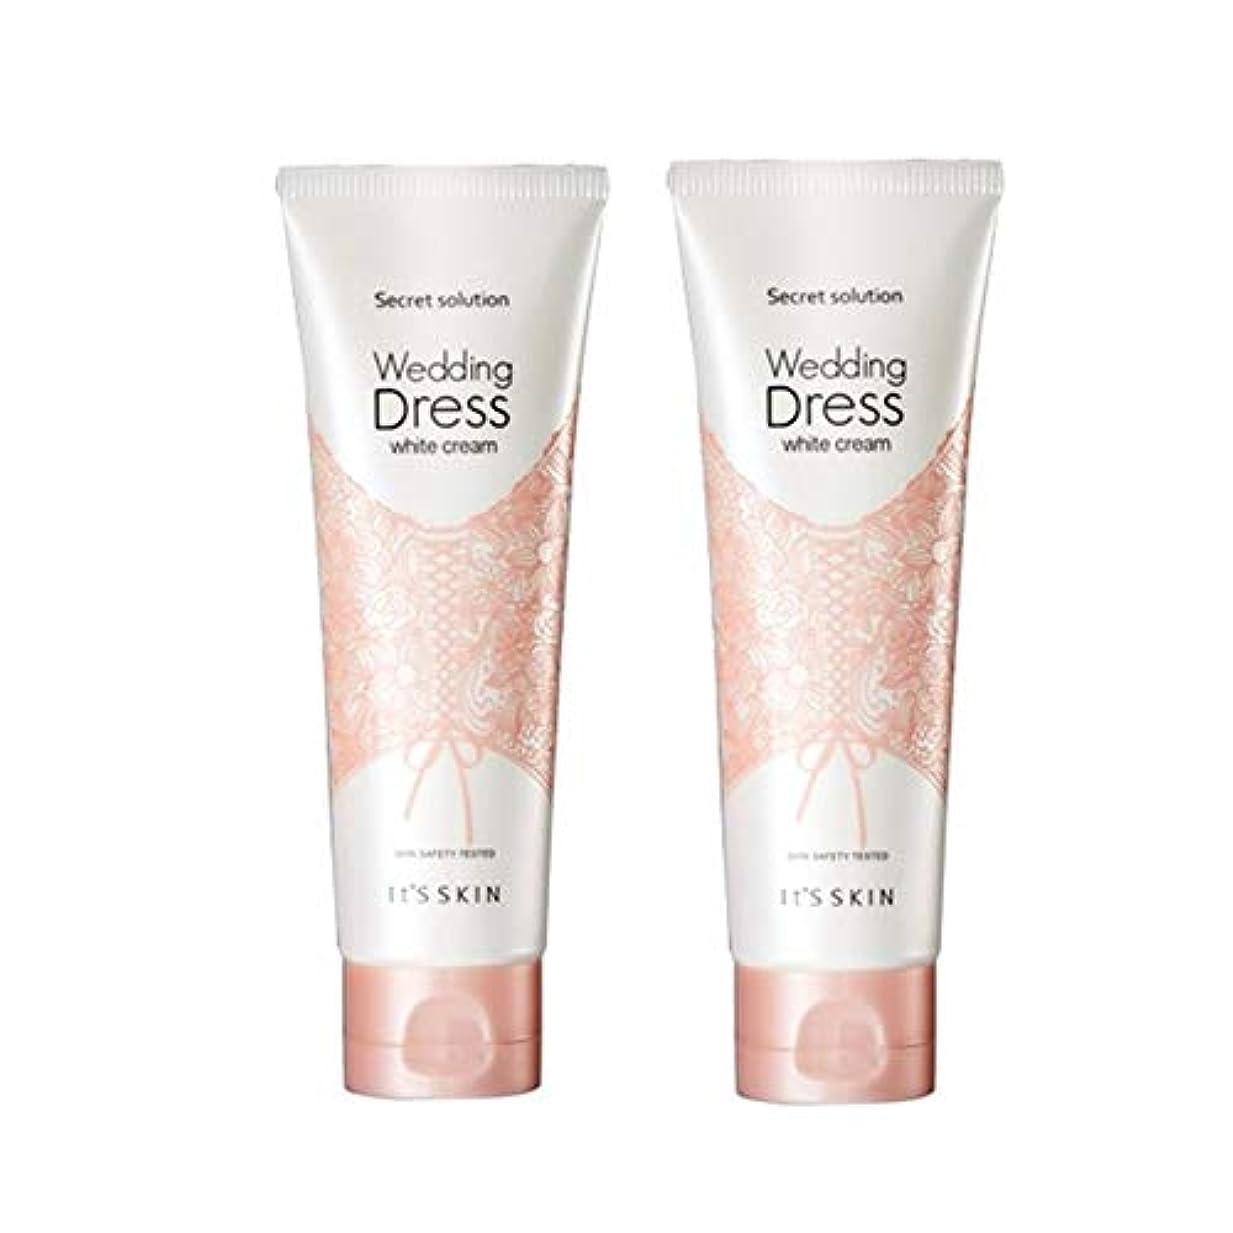 引っ張る四分円襟イッツスキンのシークレット?ソリューションウェディングドレス?ホワイトクリーム100mlx 2本セット、It's Skin Secret Solution Wedding Dress White Cream 100ml...